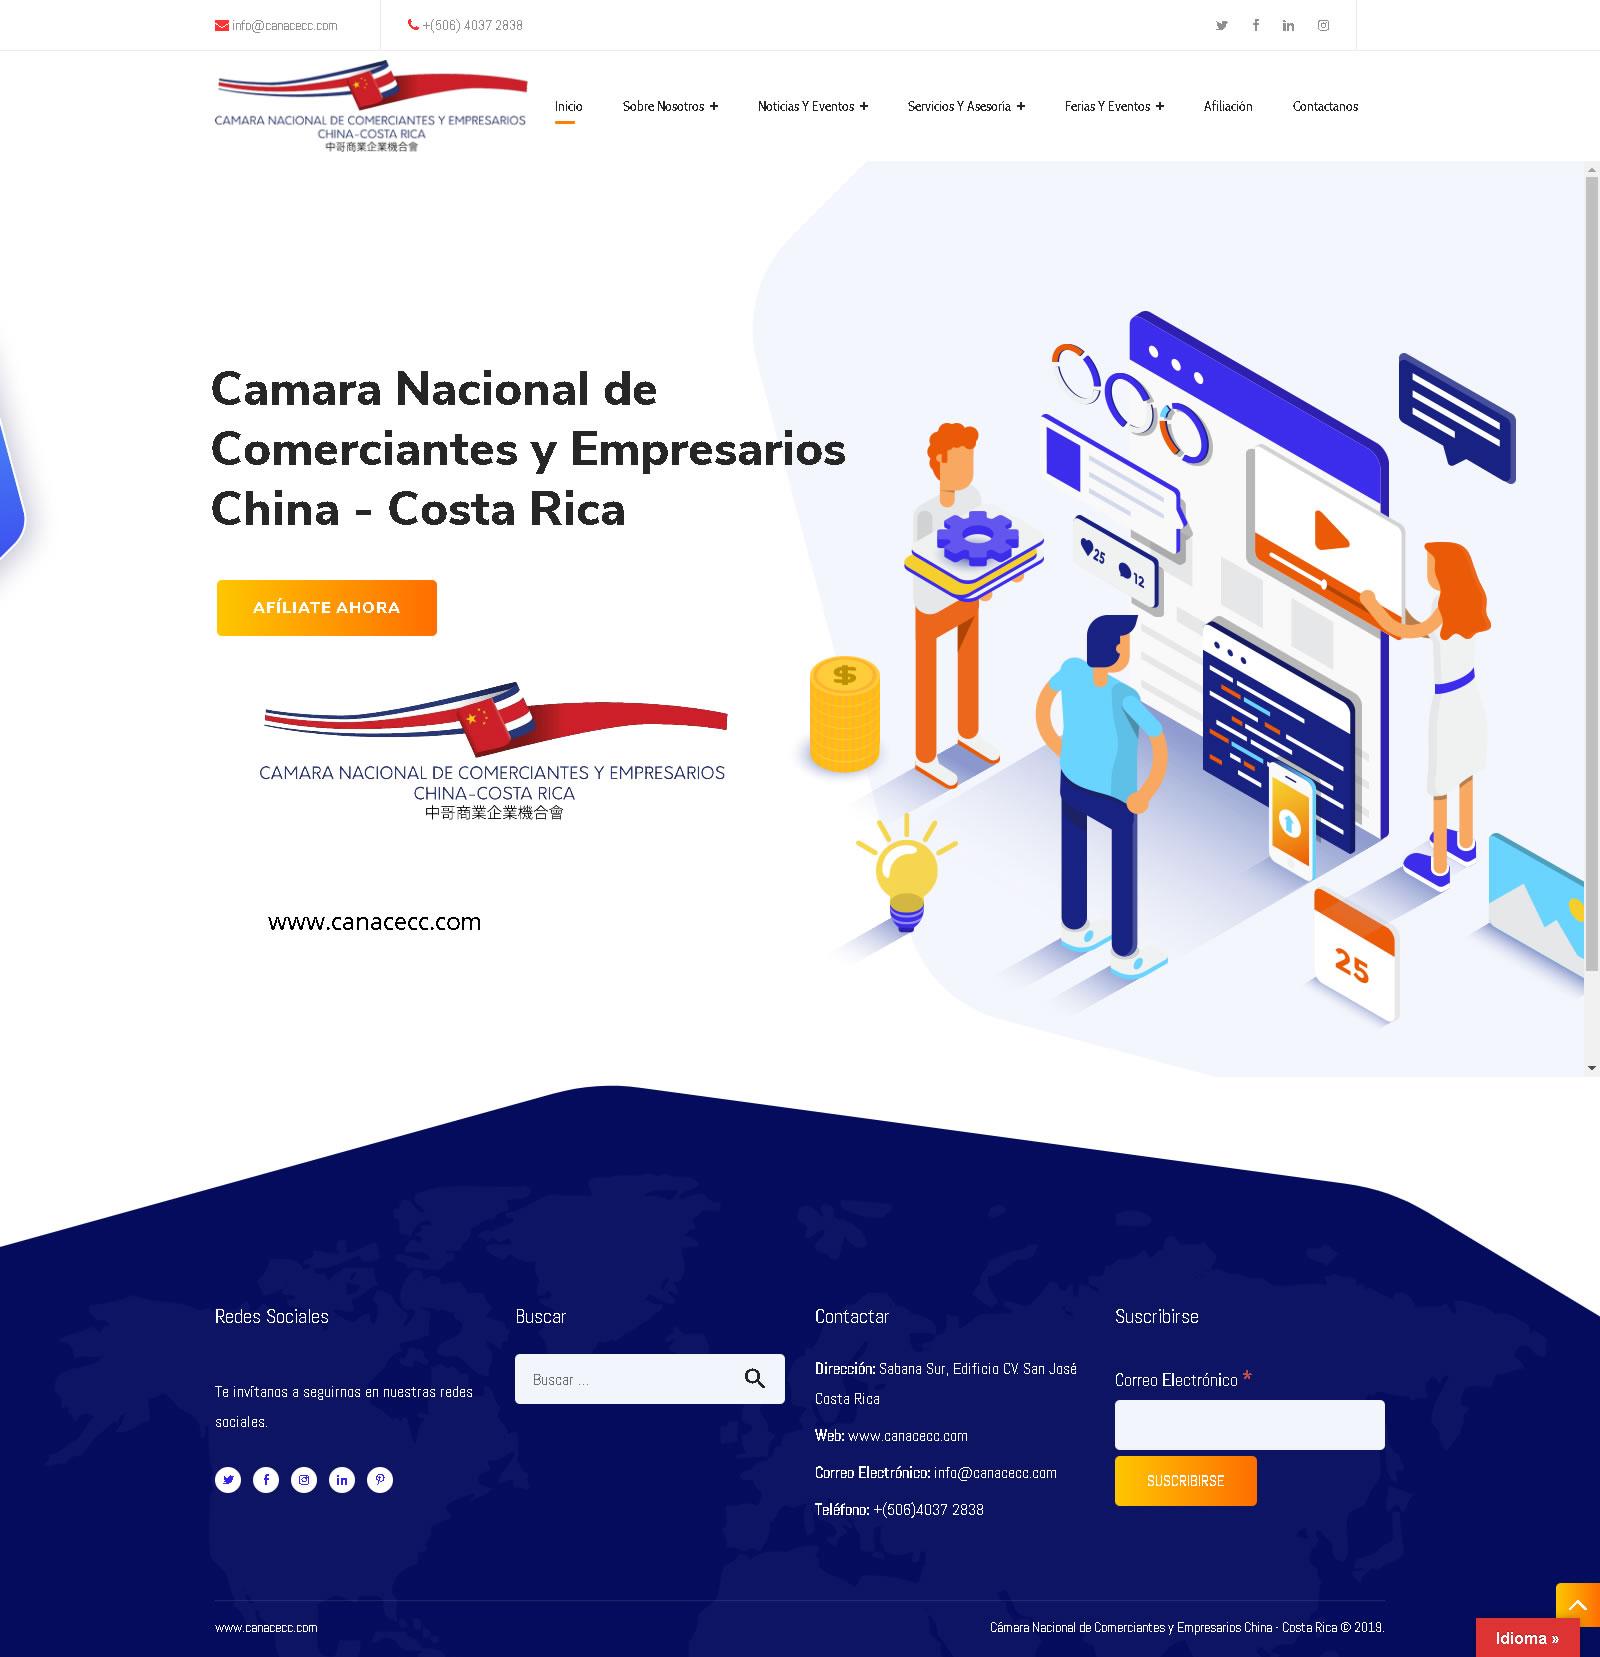 Cámara Nacional de Comerciantes y Empresarios China - Costa Rica